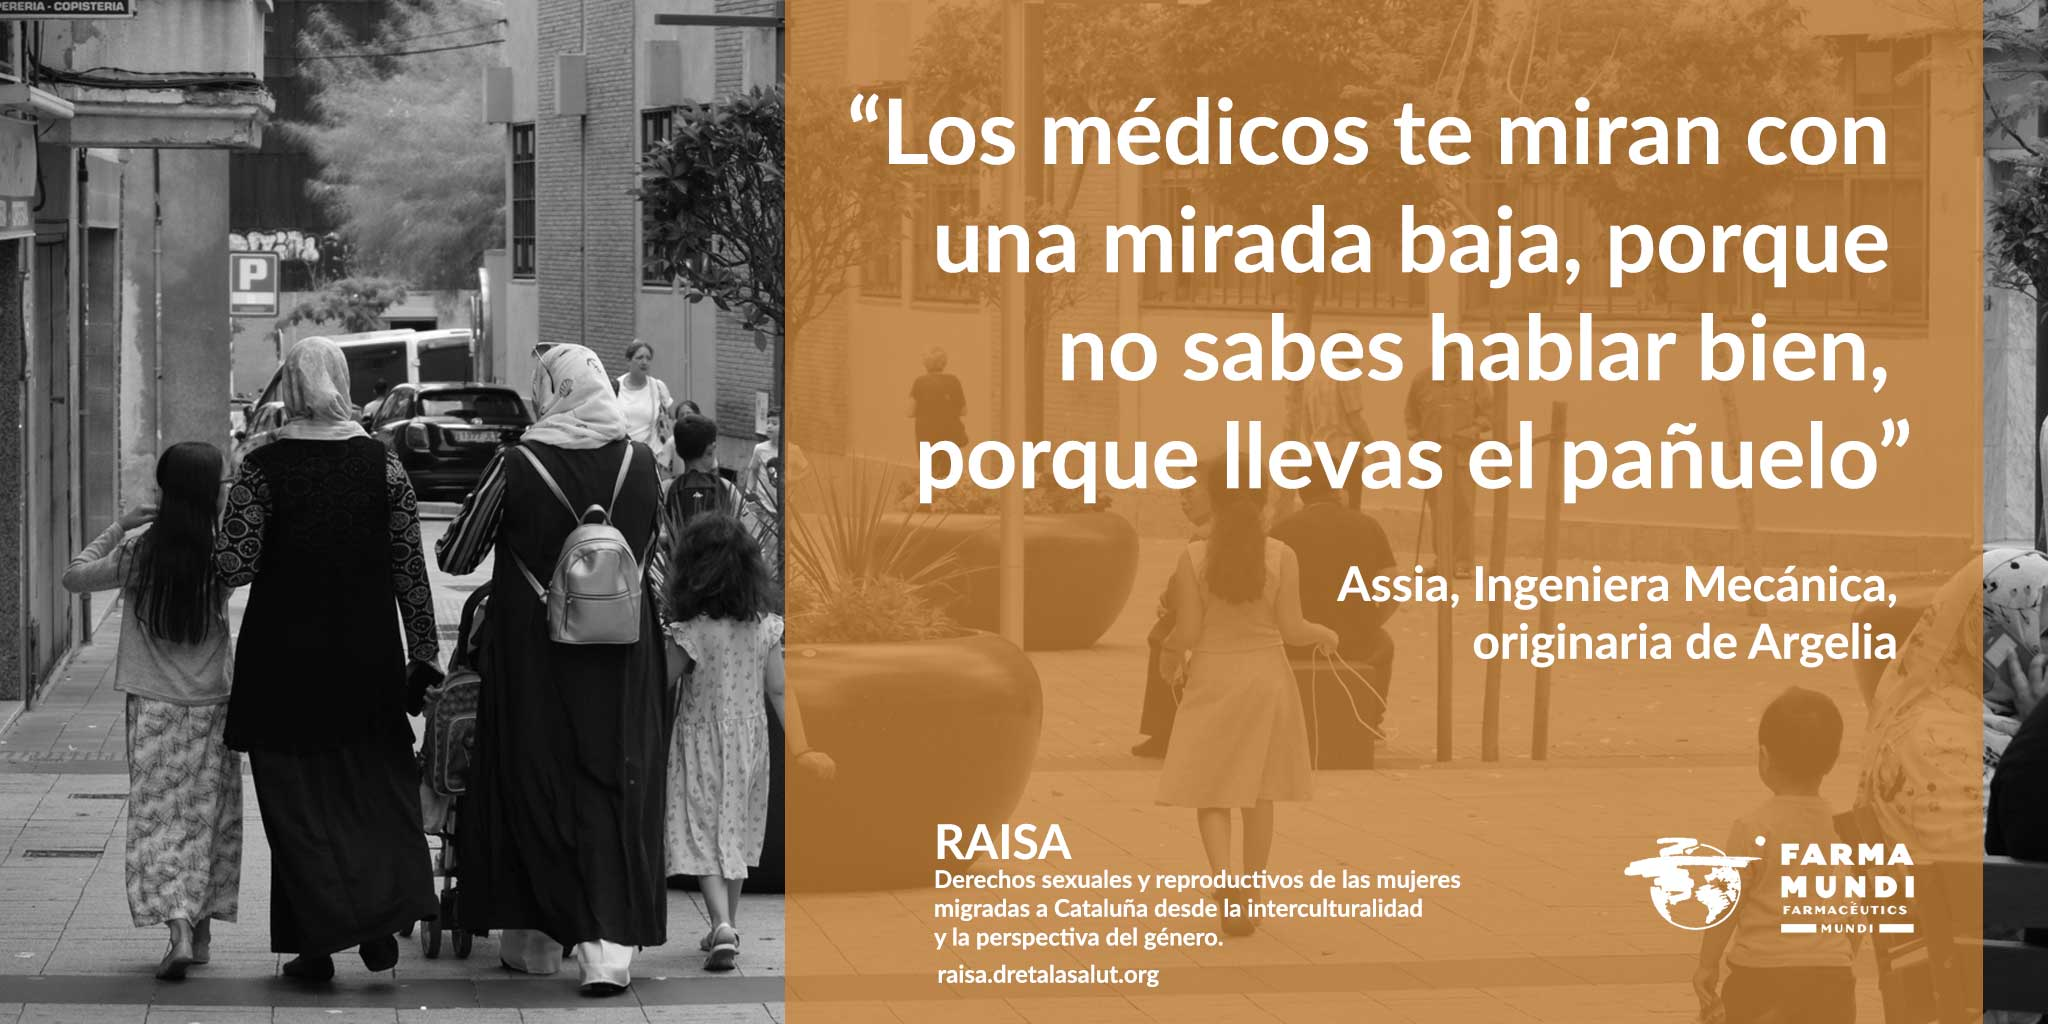 Farmamundi presenta la campaña Raisa dedicada a los derechos relacionados con la salud de las mujeres migradas